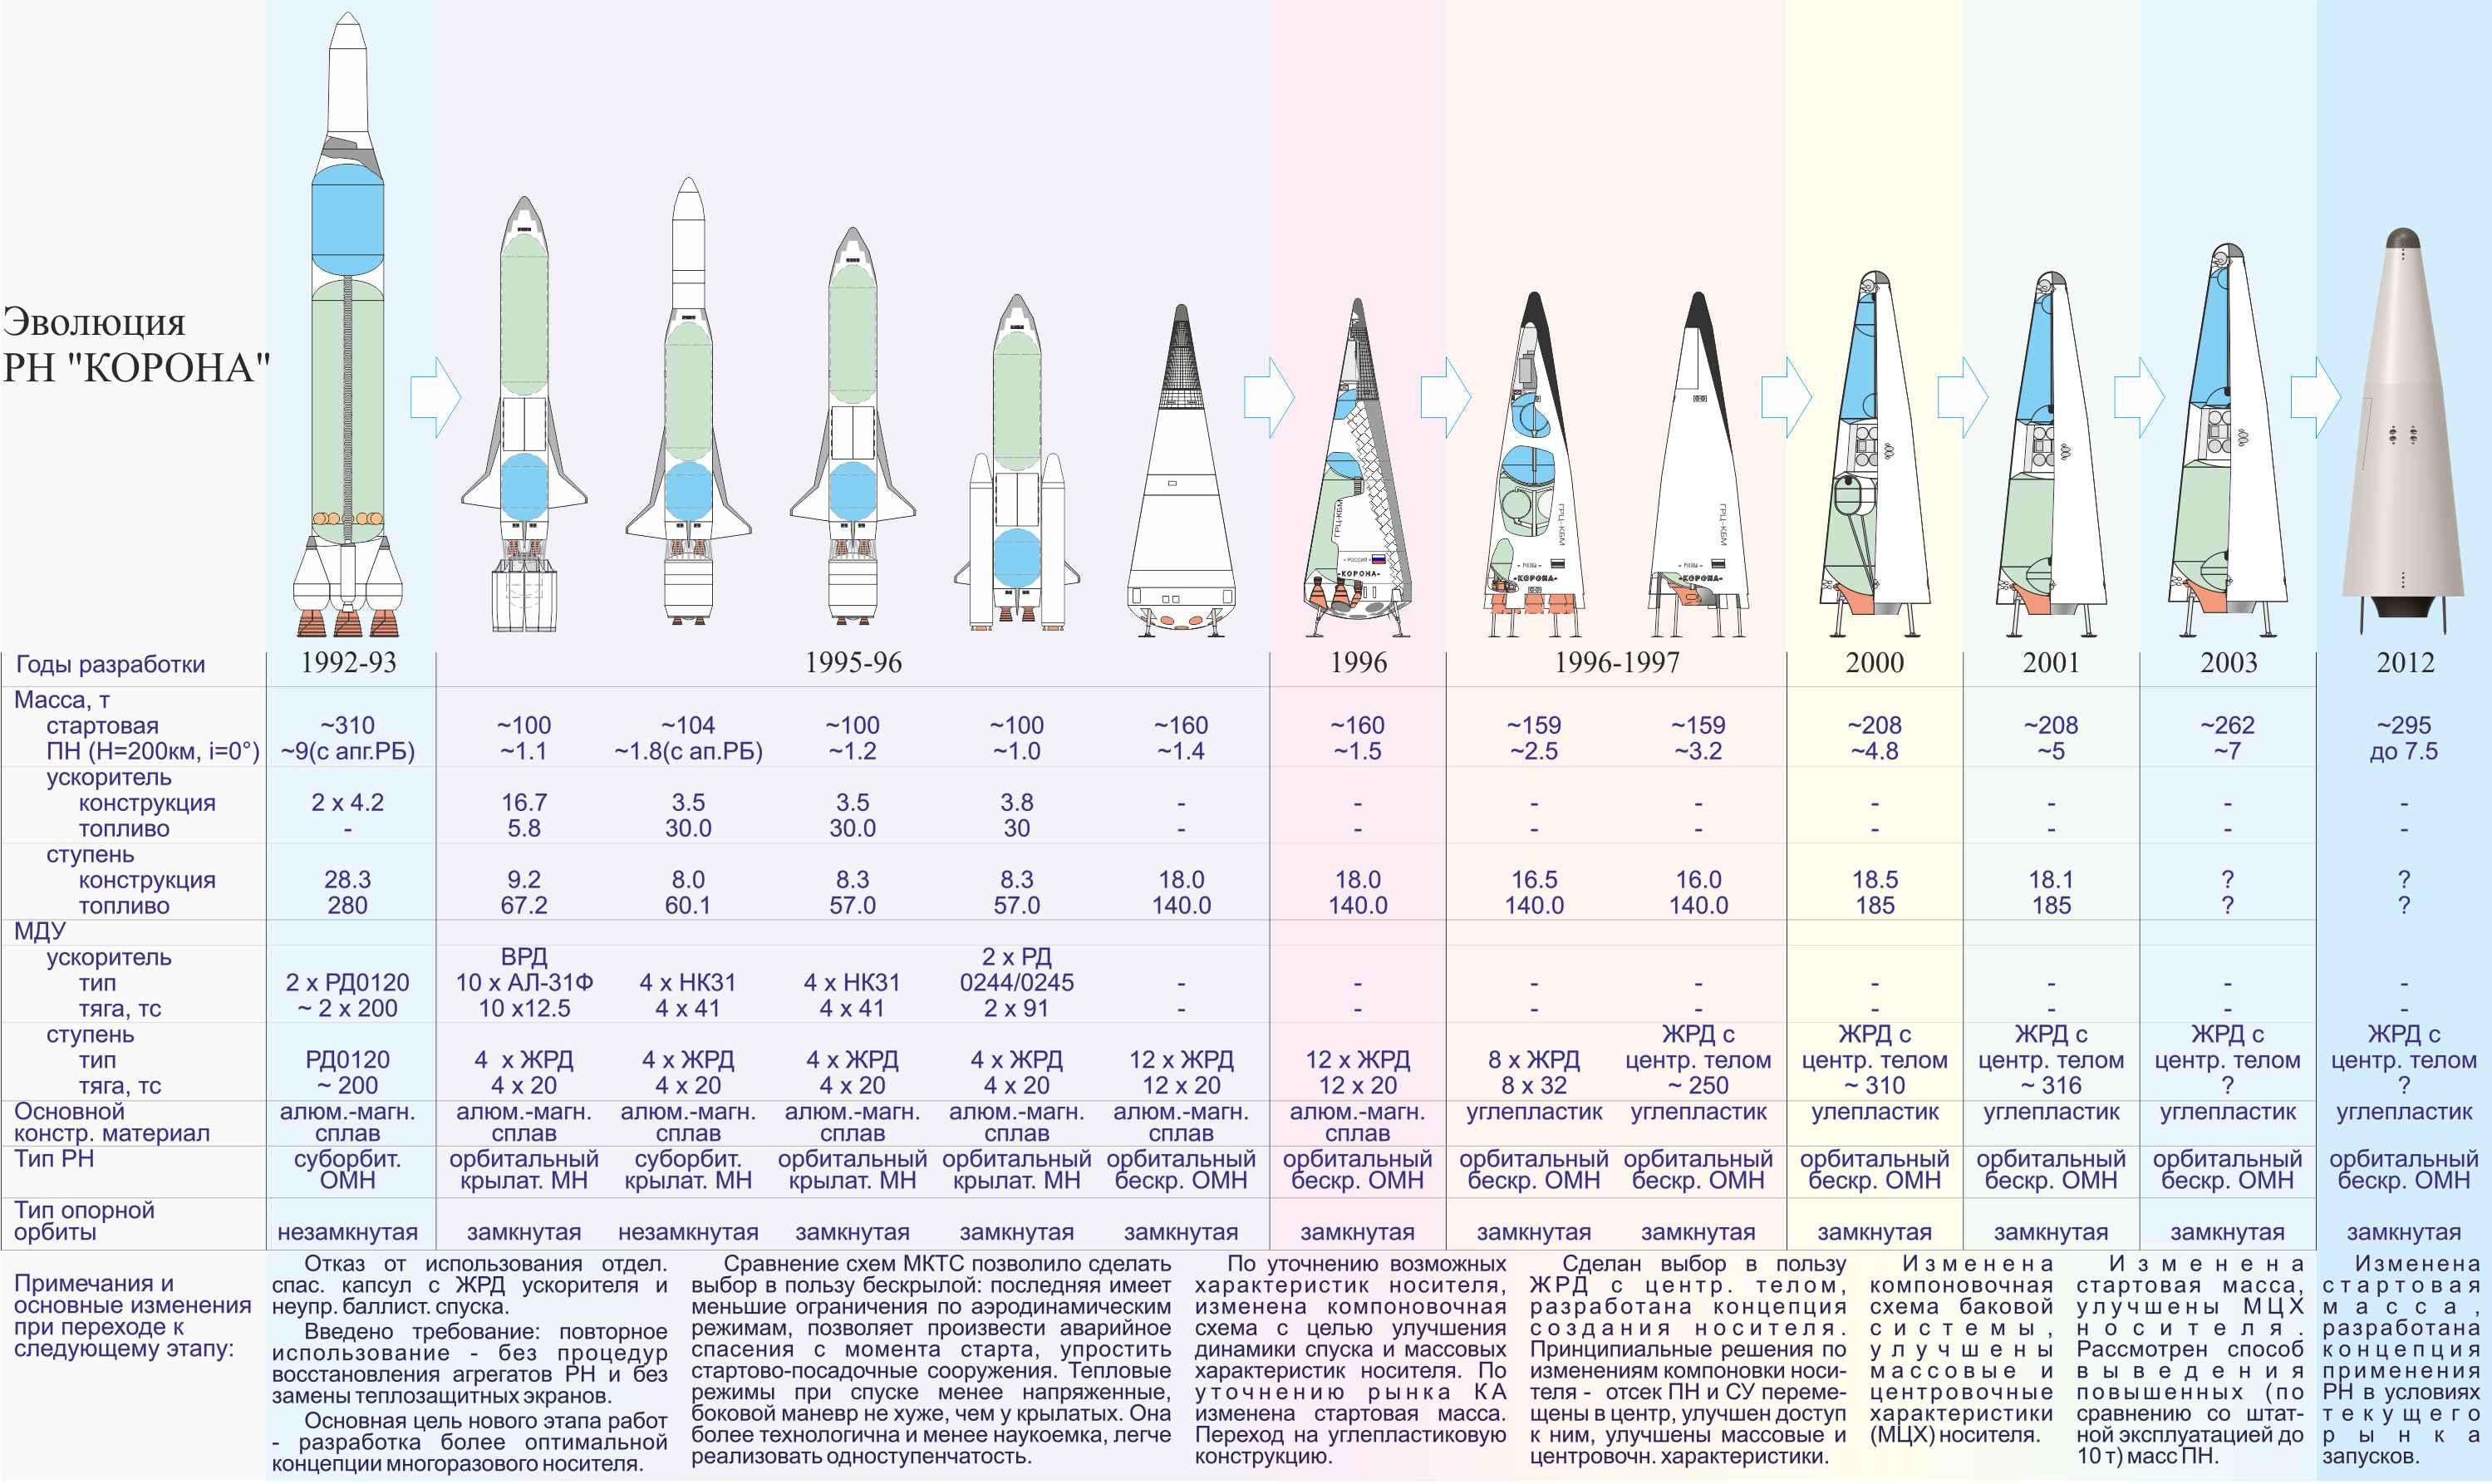 «Спираль» развития авиационно-космических систем - 15